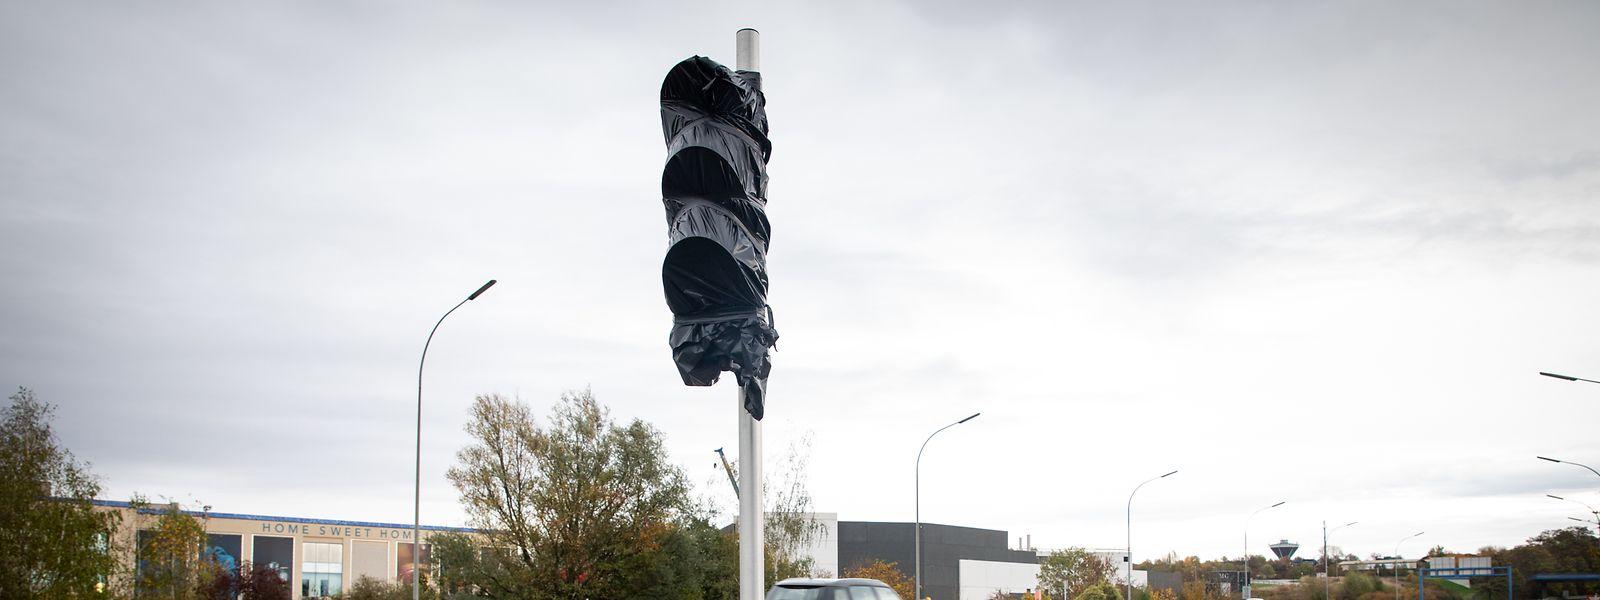 Les feux rouges sur les voies d'accès de l'autoroute A6 en direction de Luxembourg devraient durer au maximum 30 secondes.